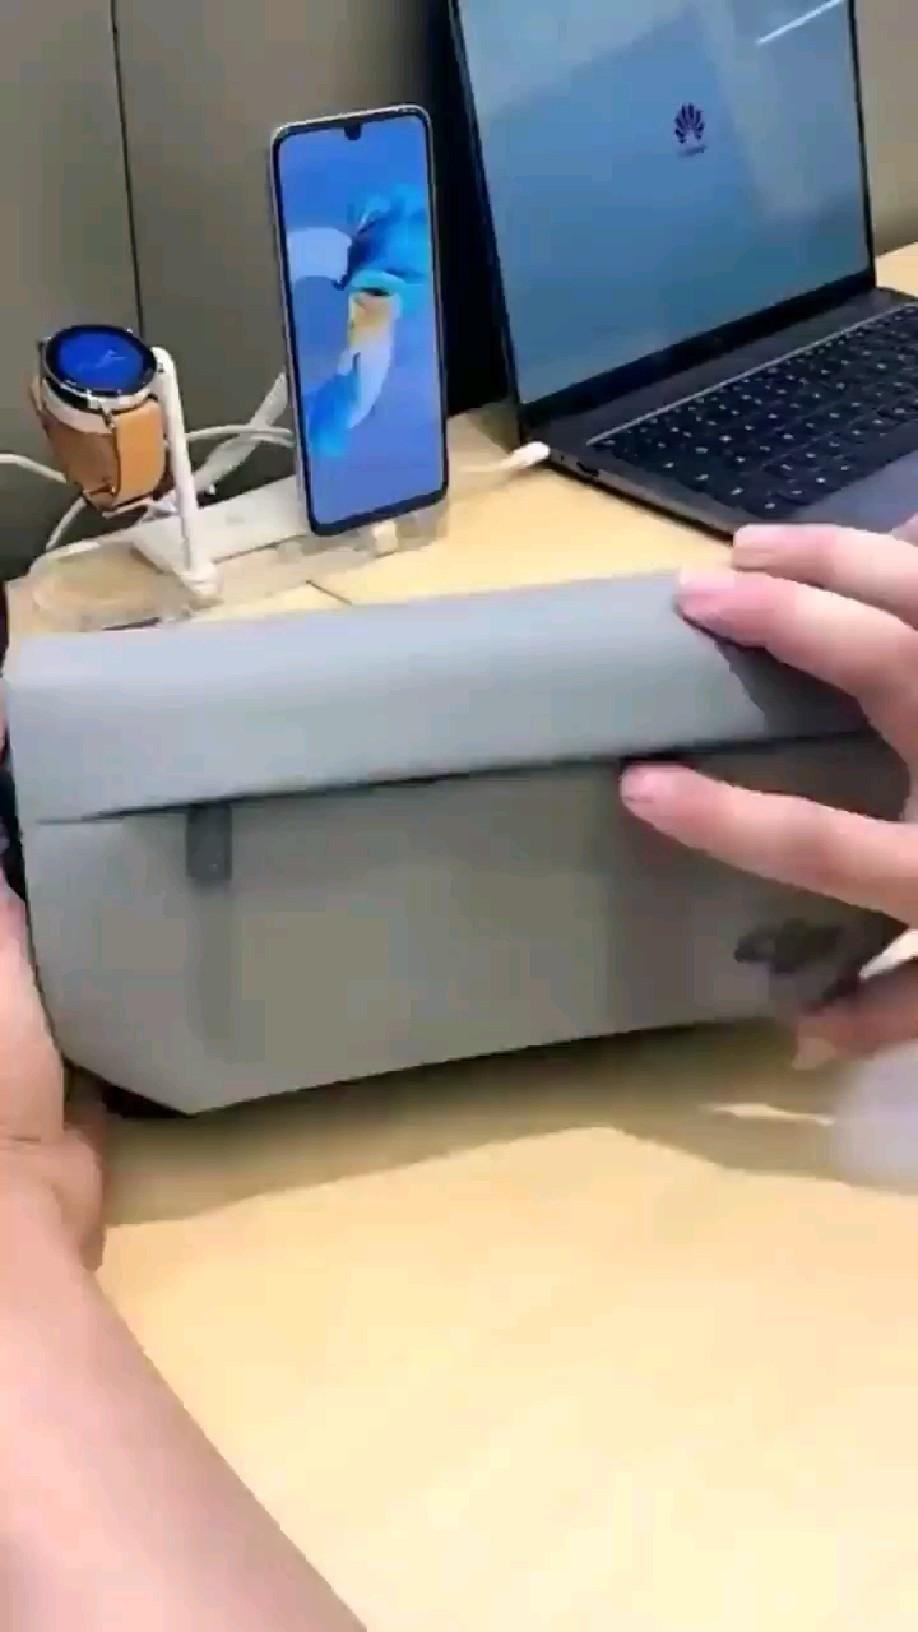 Unique Mobile tripod with auto tracking